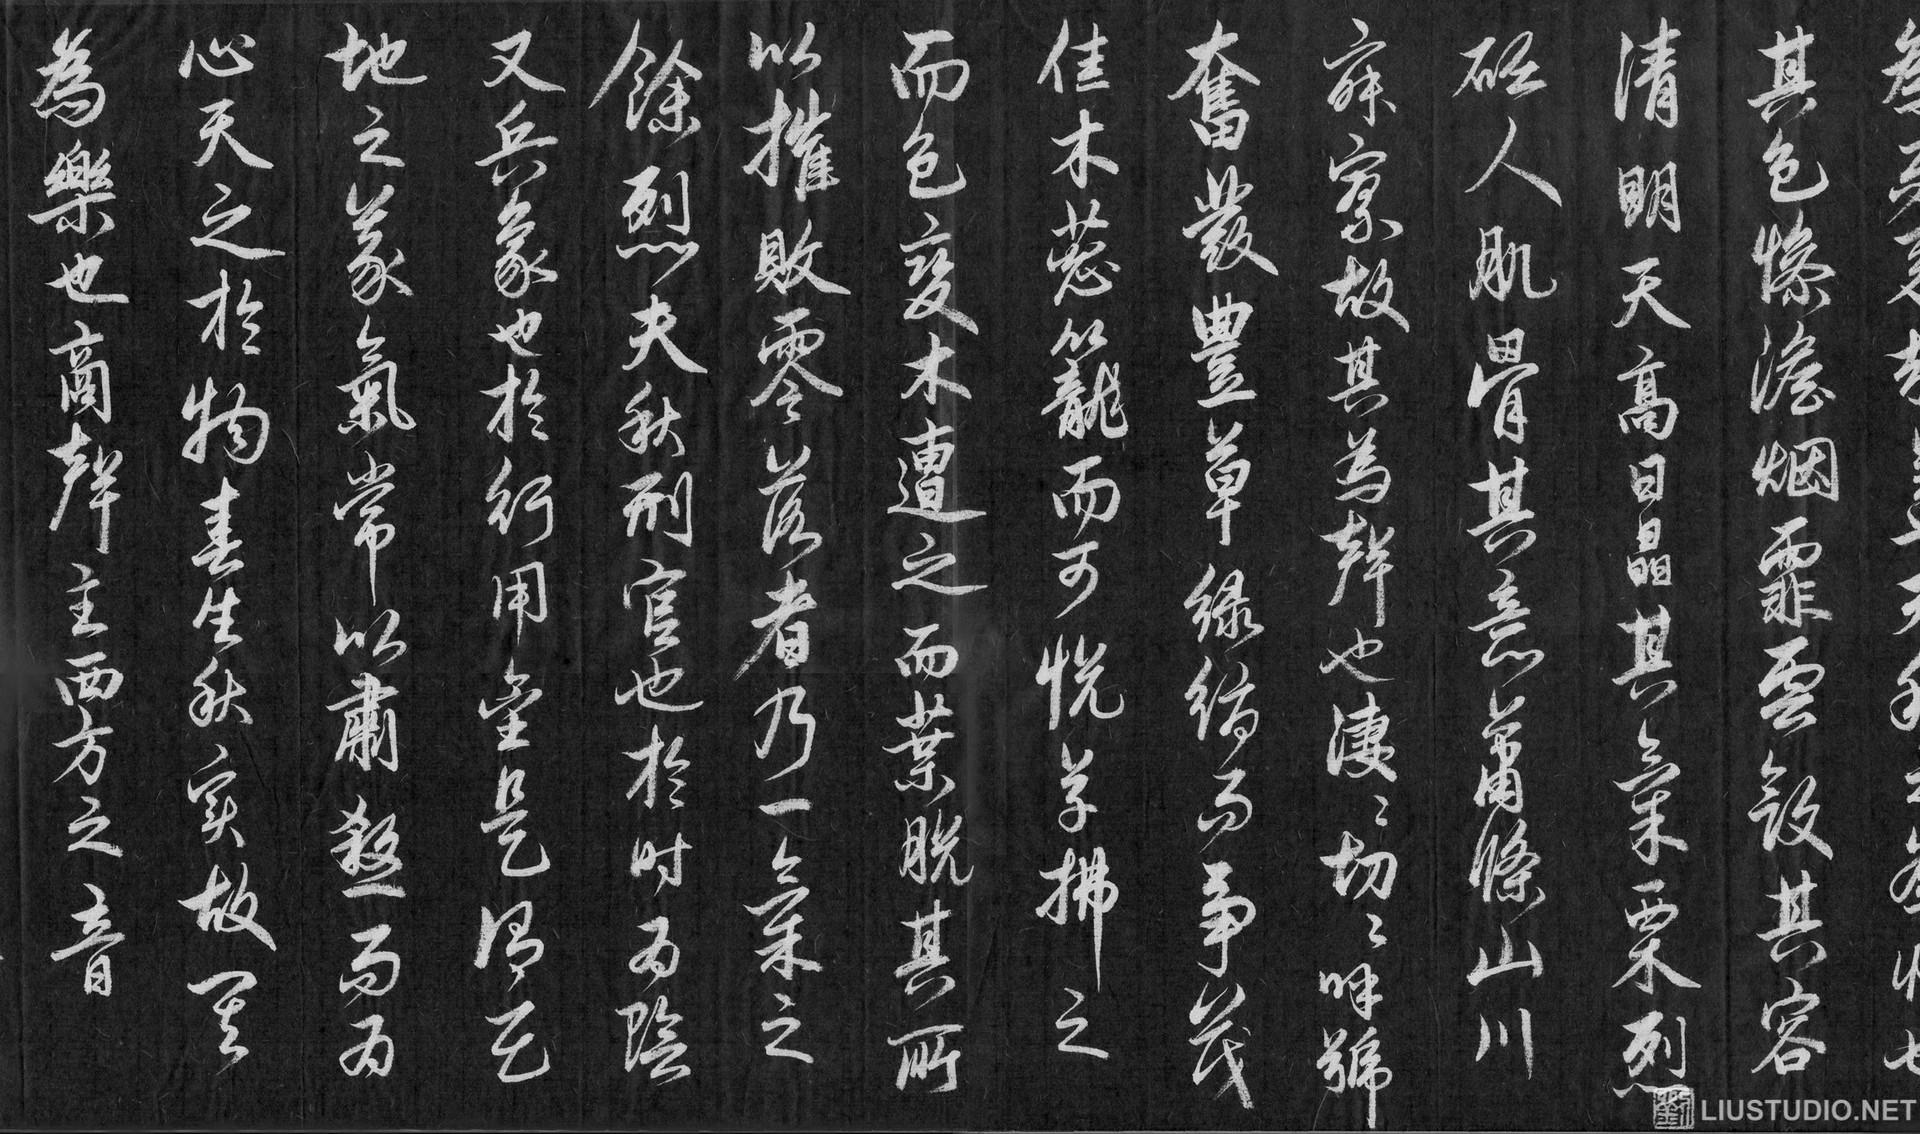 临赵孟頫《秋声赋》 局部-2